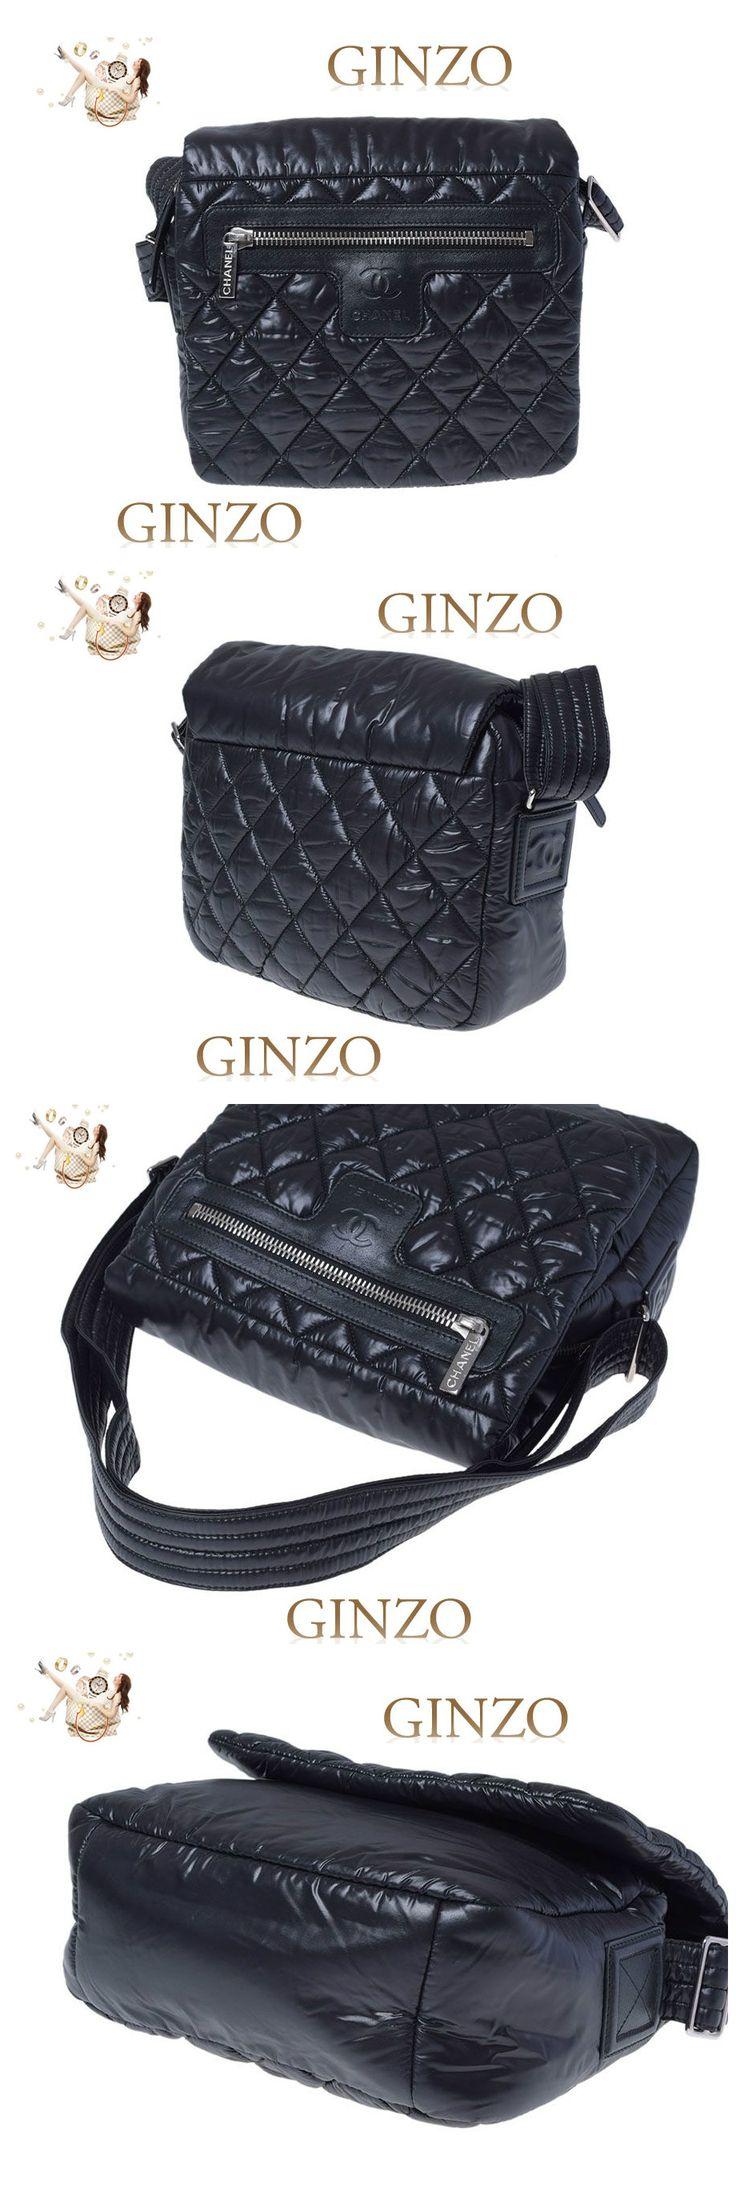 Chanel COCO Cocoon Black Nylon Shoulder Bag #Chanel #ShoulderBag